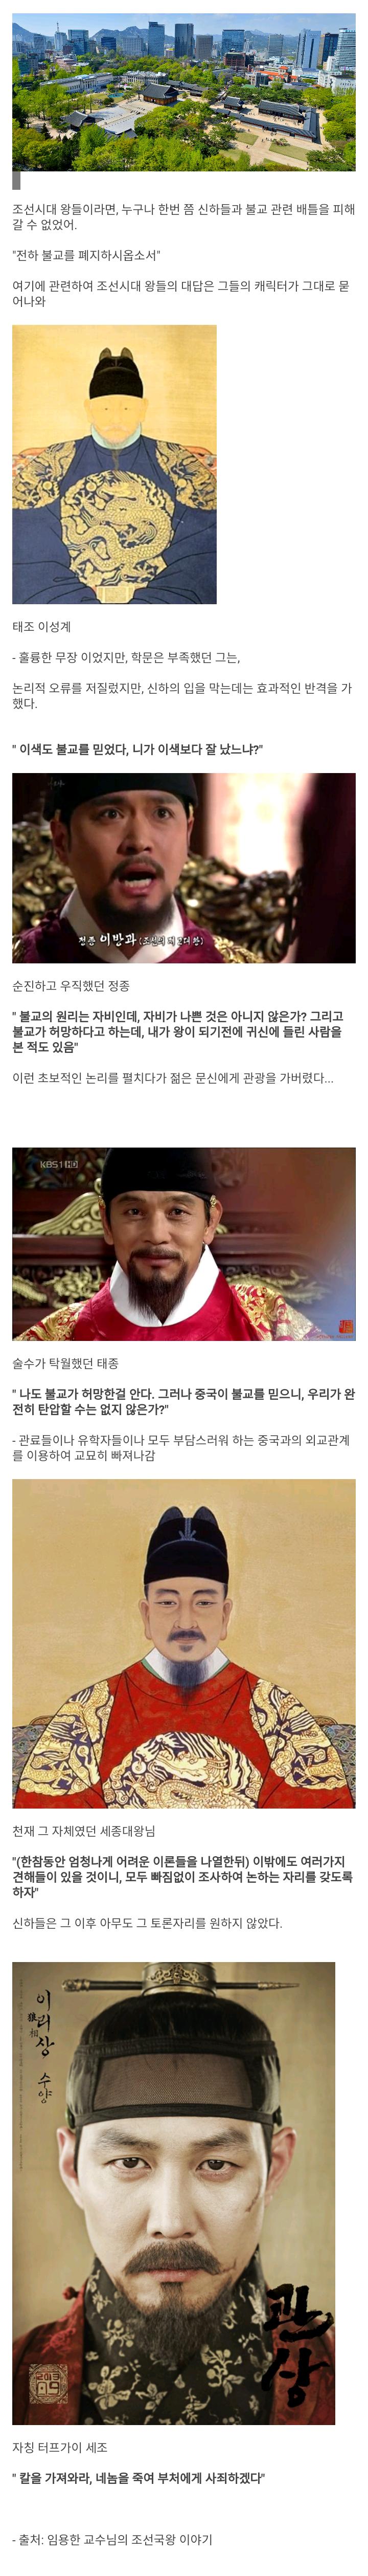 [유머] 조선시개 왕들의 불교 배틀 -  와이드섬